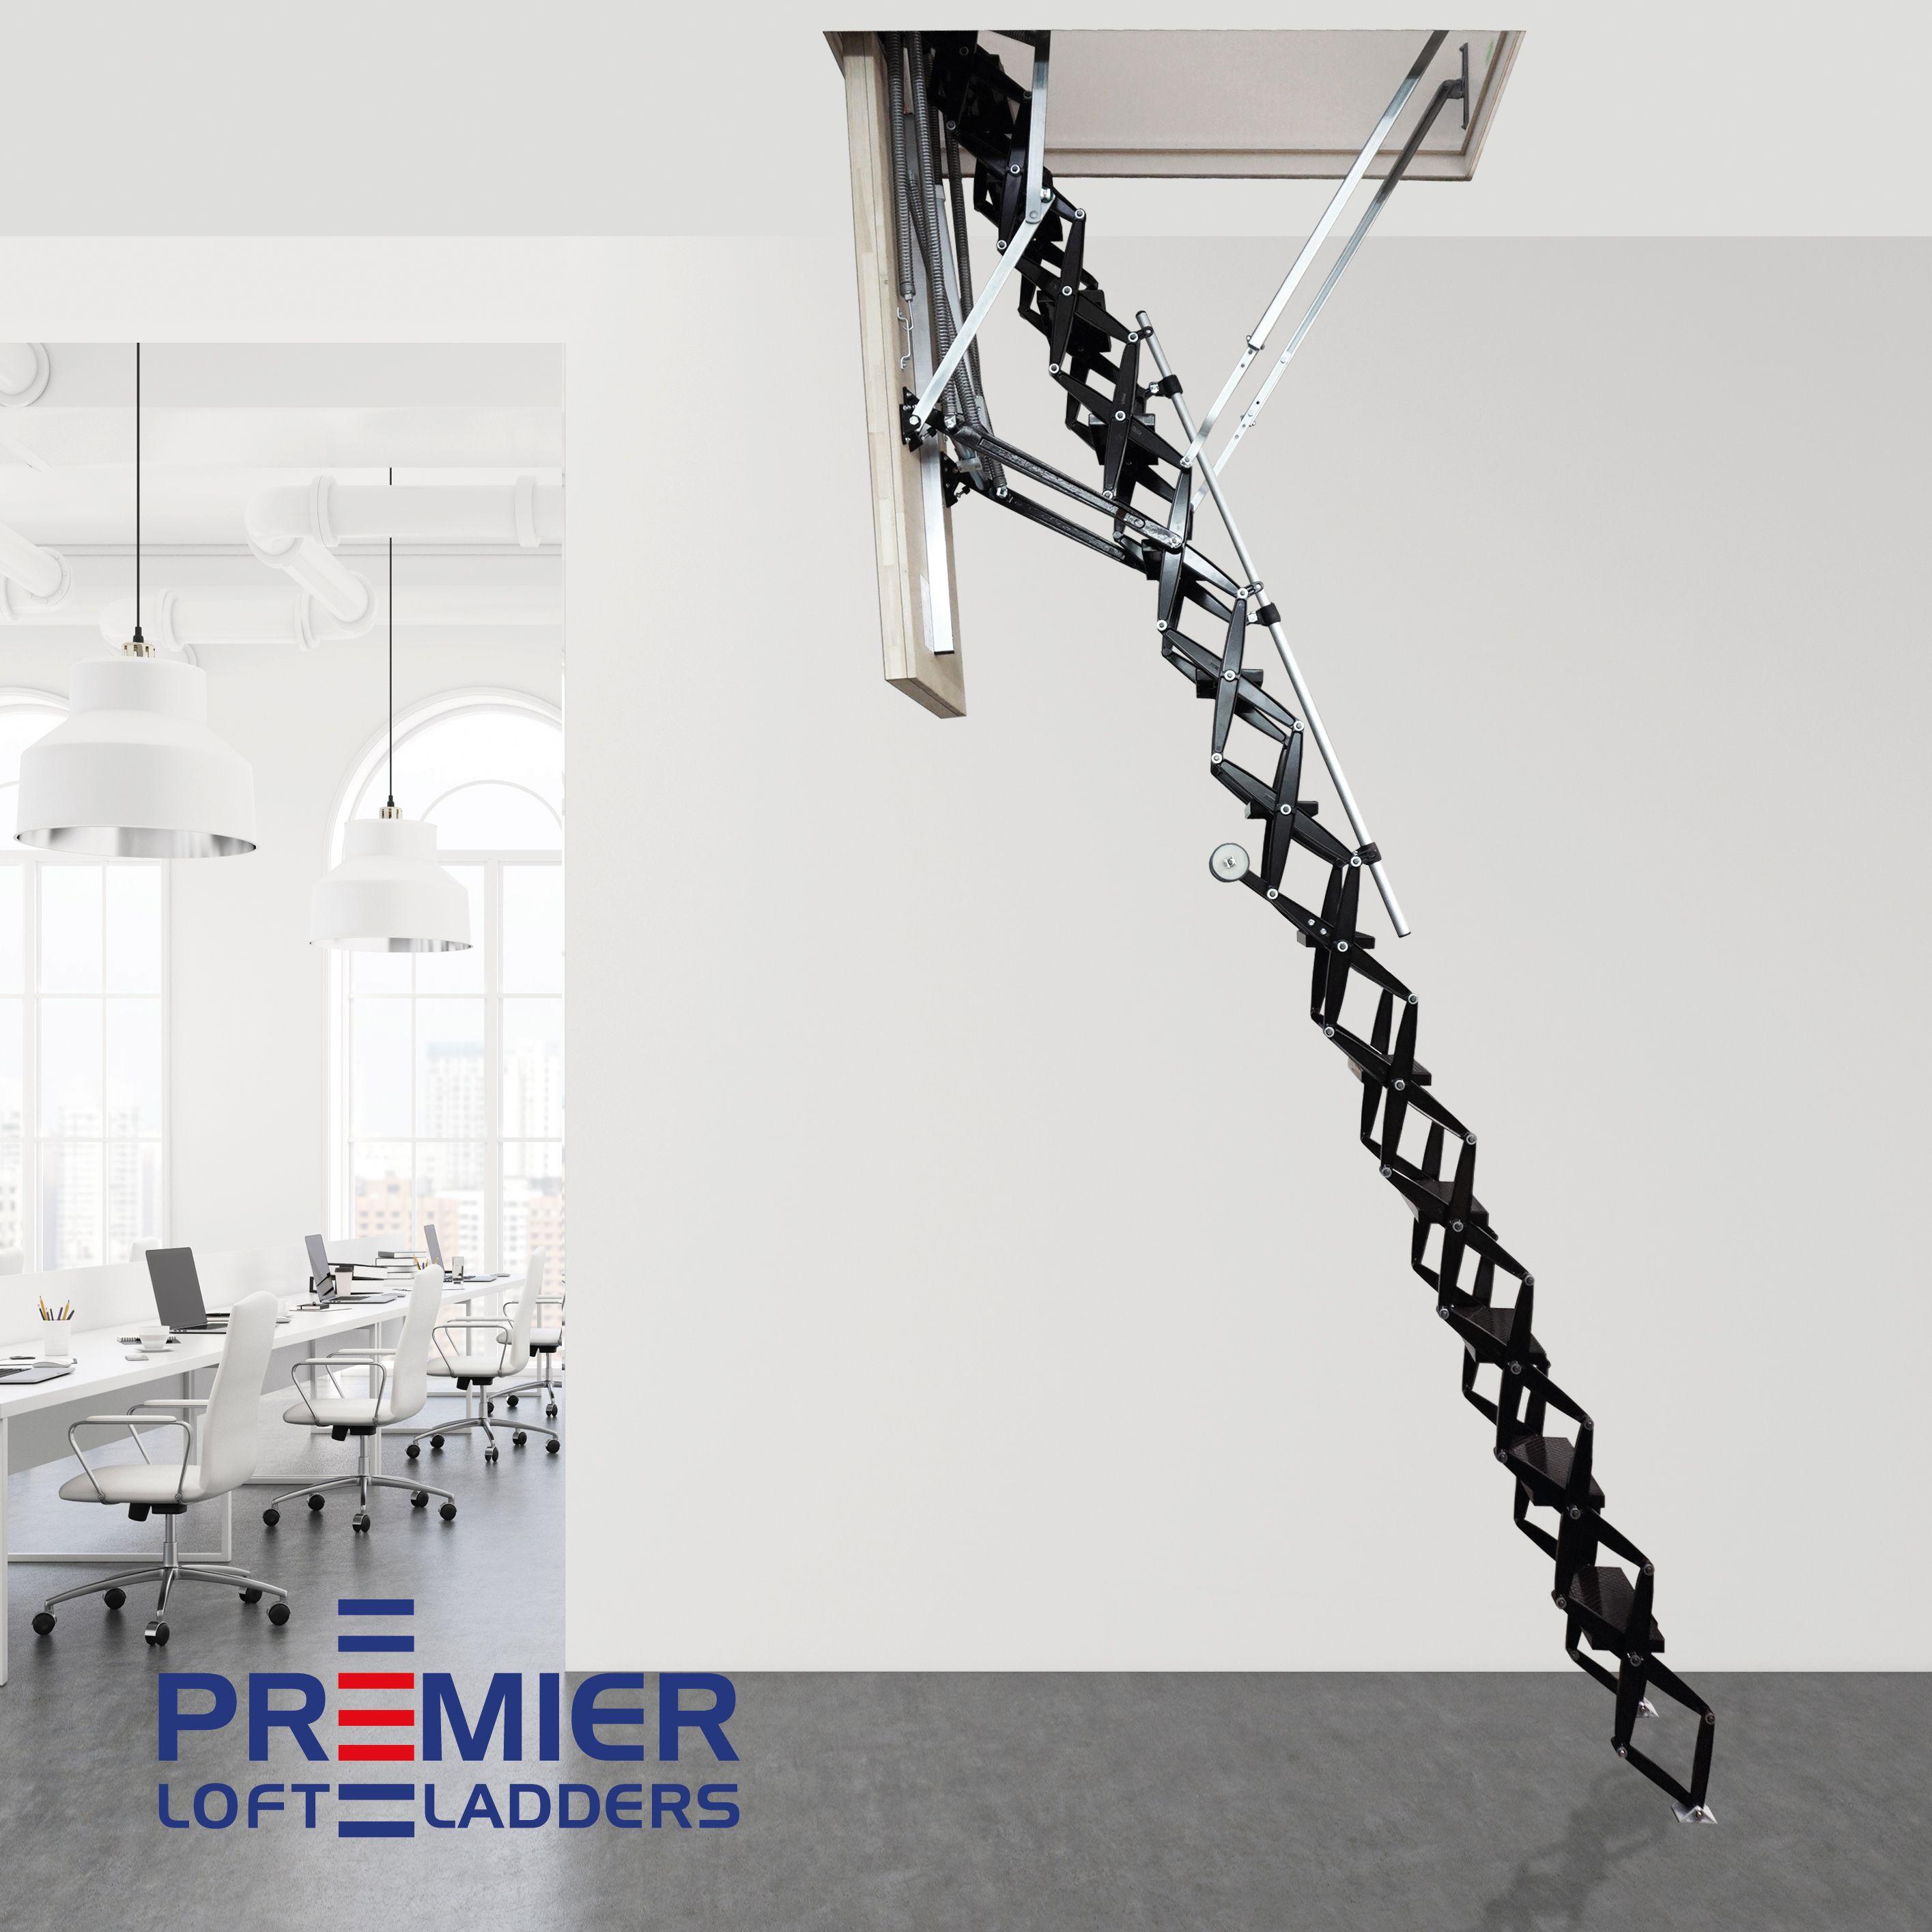 Electric loft ladder heavy duty commercial grade loft